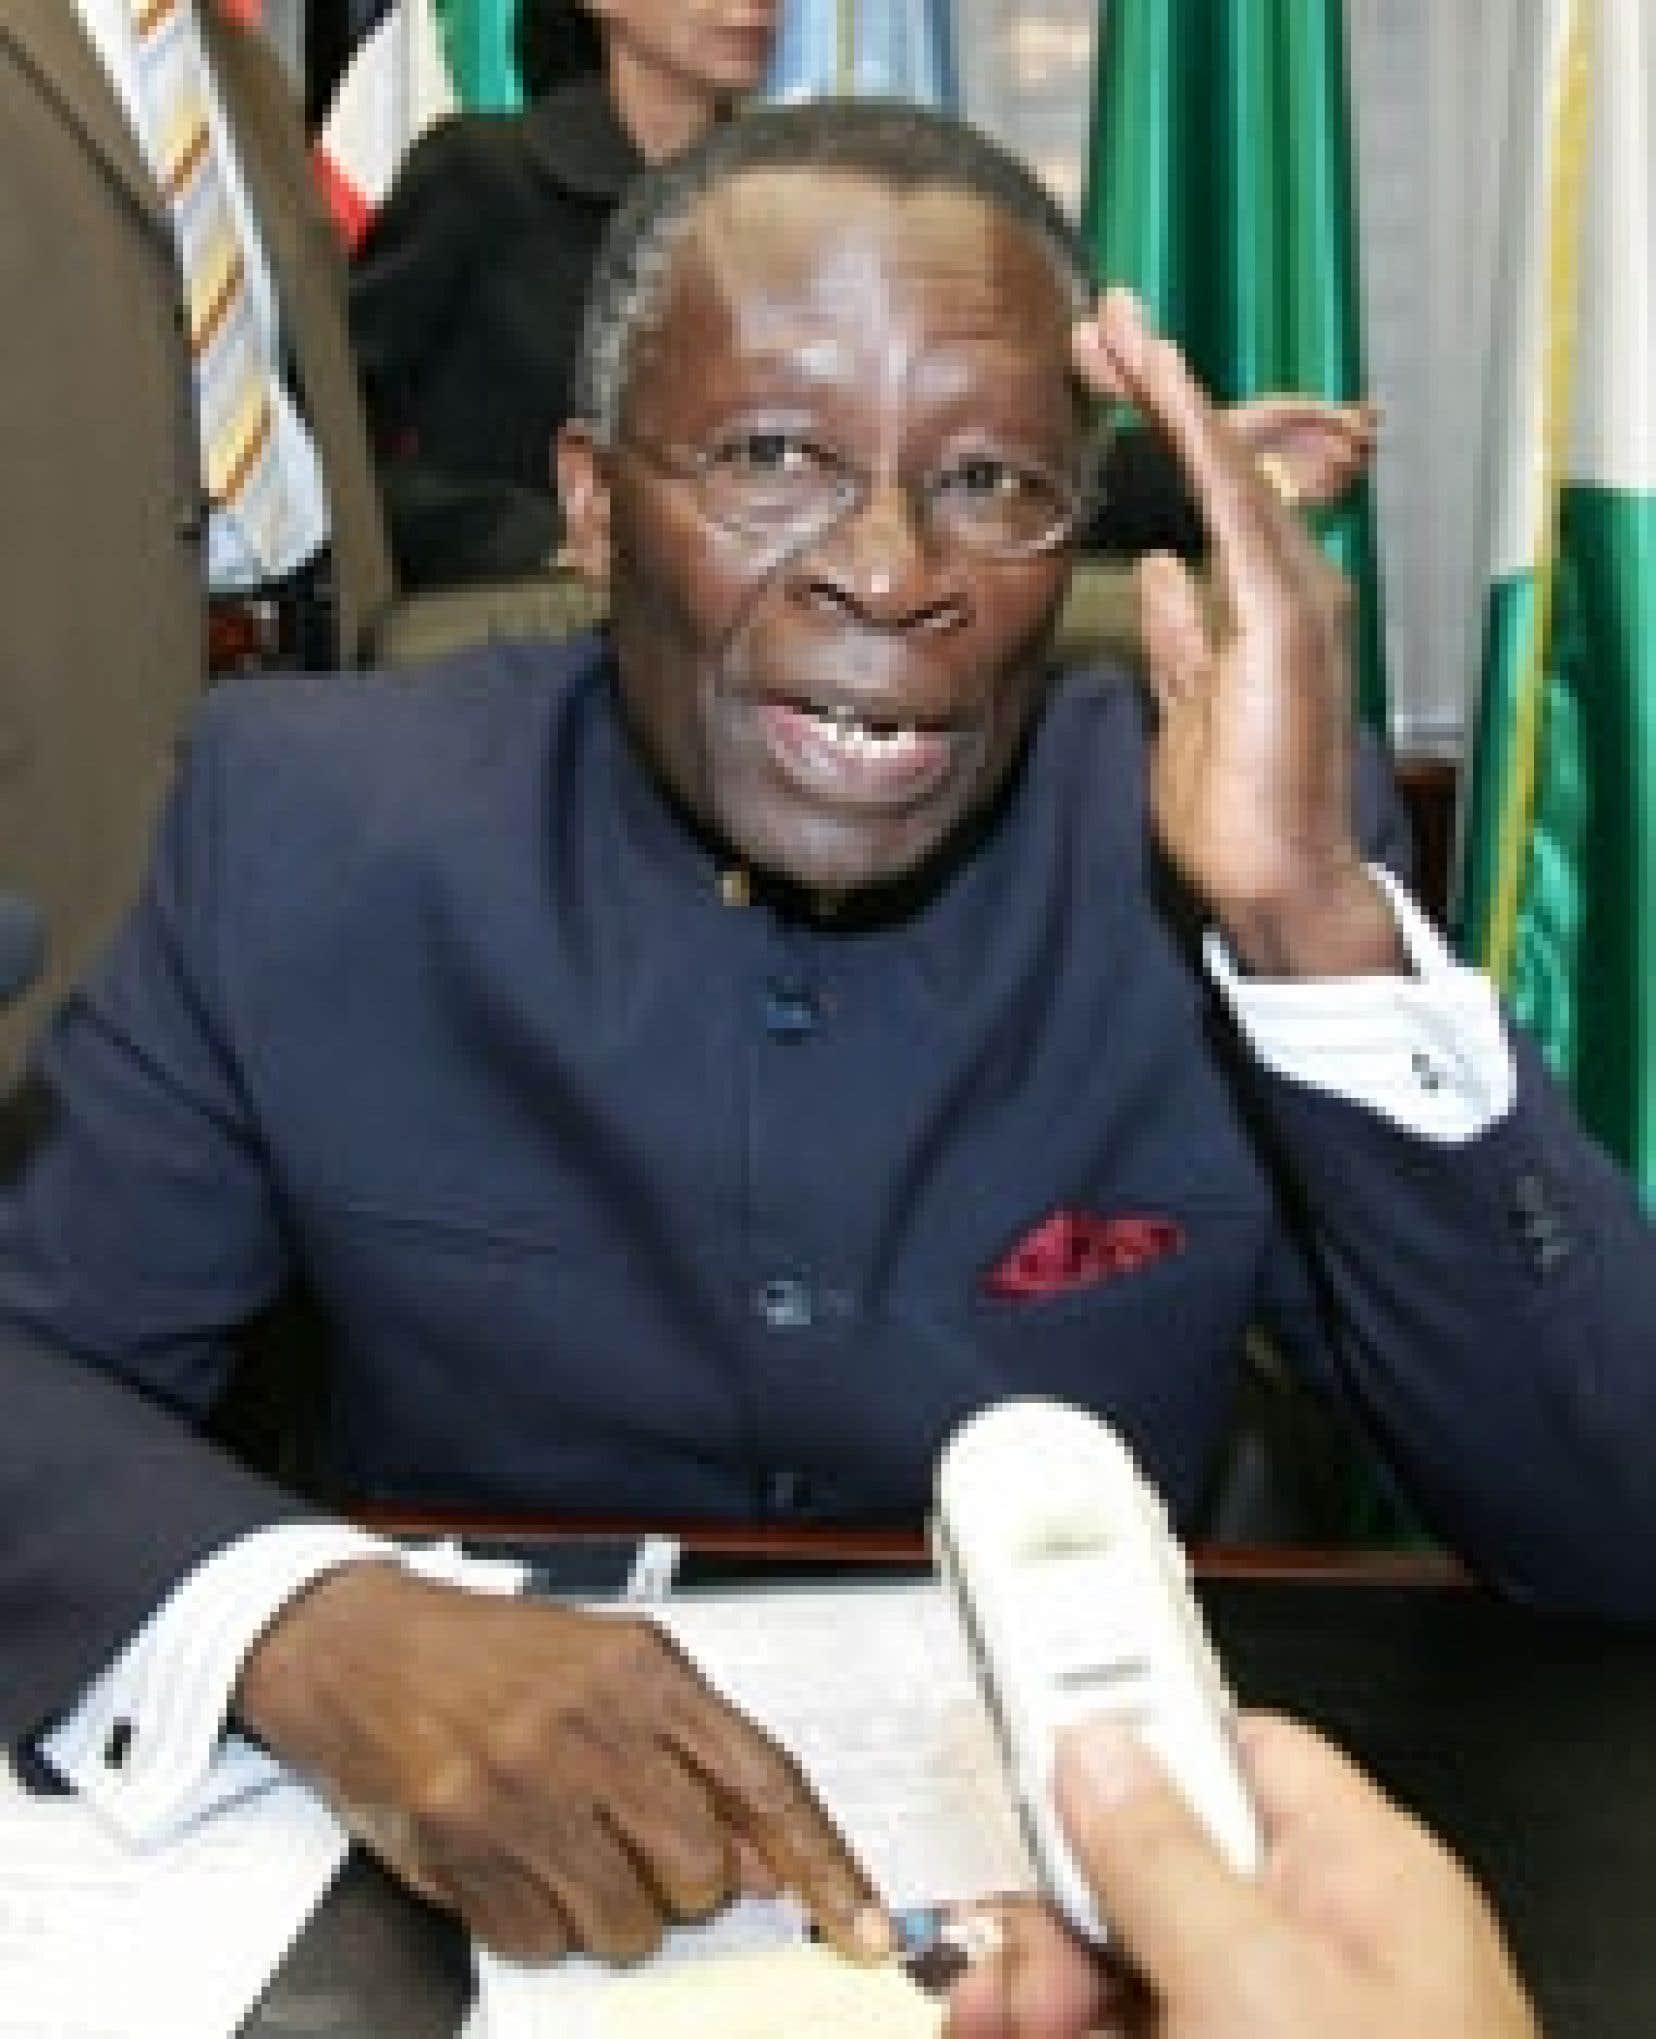 Selon le porte-parole de l'OPEP, les pays membres maintiennent qu'ils ne baissent pas la garde, et le président en exercice, le Nigérian Edmund Daukoru, est constamment «en consultations avec les autres ministres».